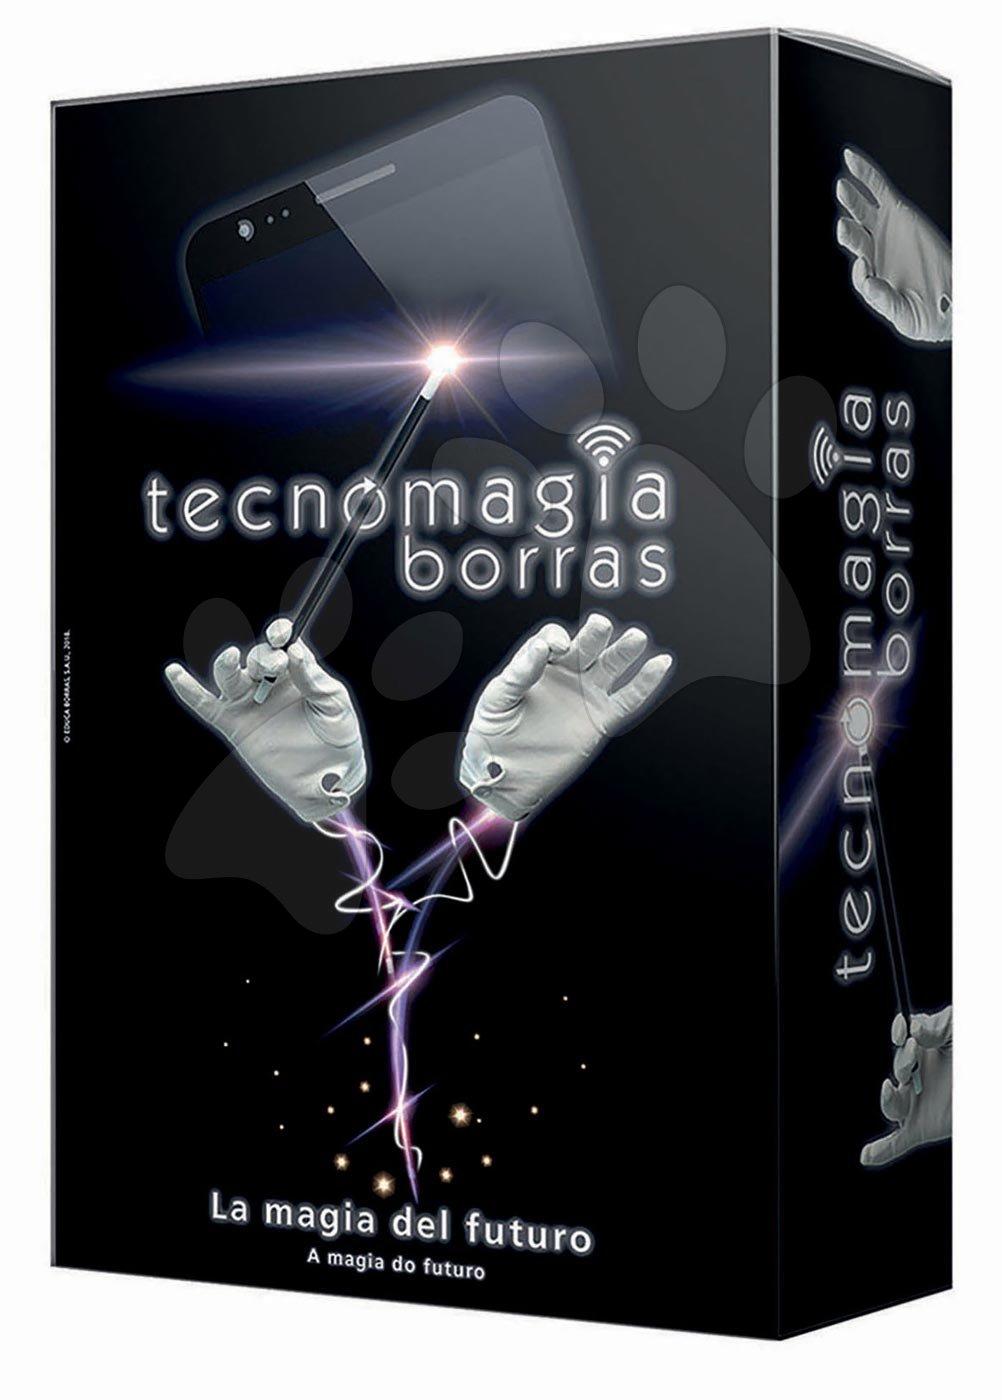 Cudzojazyčné spoločenské hry - Kúzelnícke hry a triky Tecnomagia Borras Educa španielsky od 5 rokov